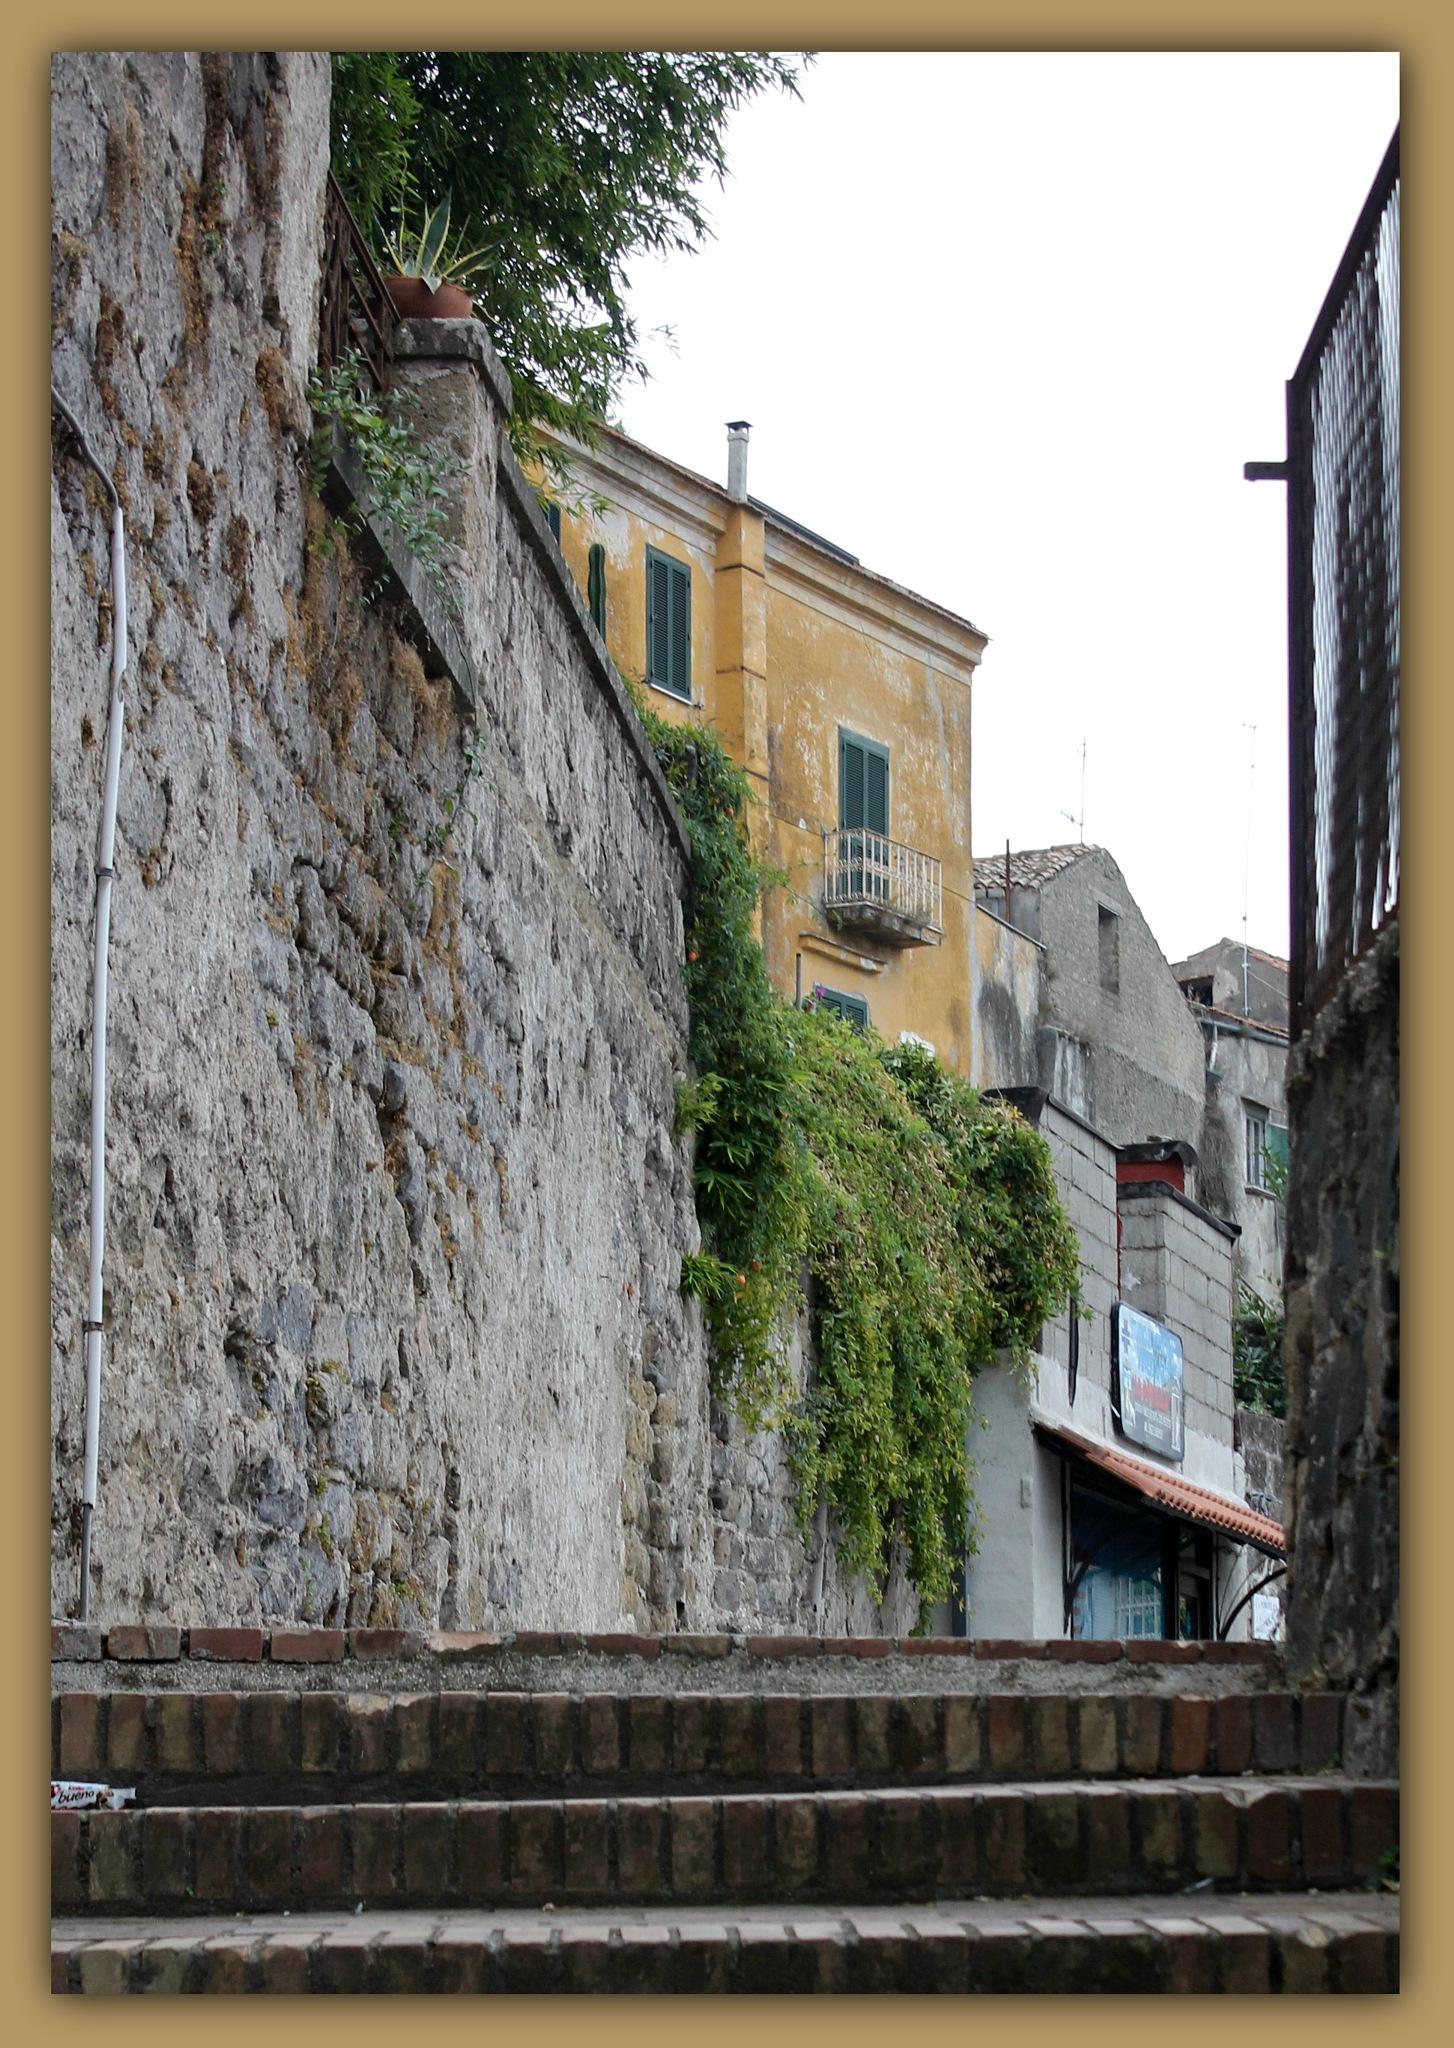 Borghi della Campania: Sessa Aurunca by Salvatore Bertolino